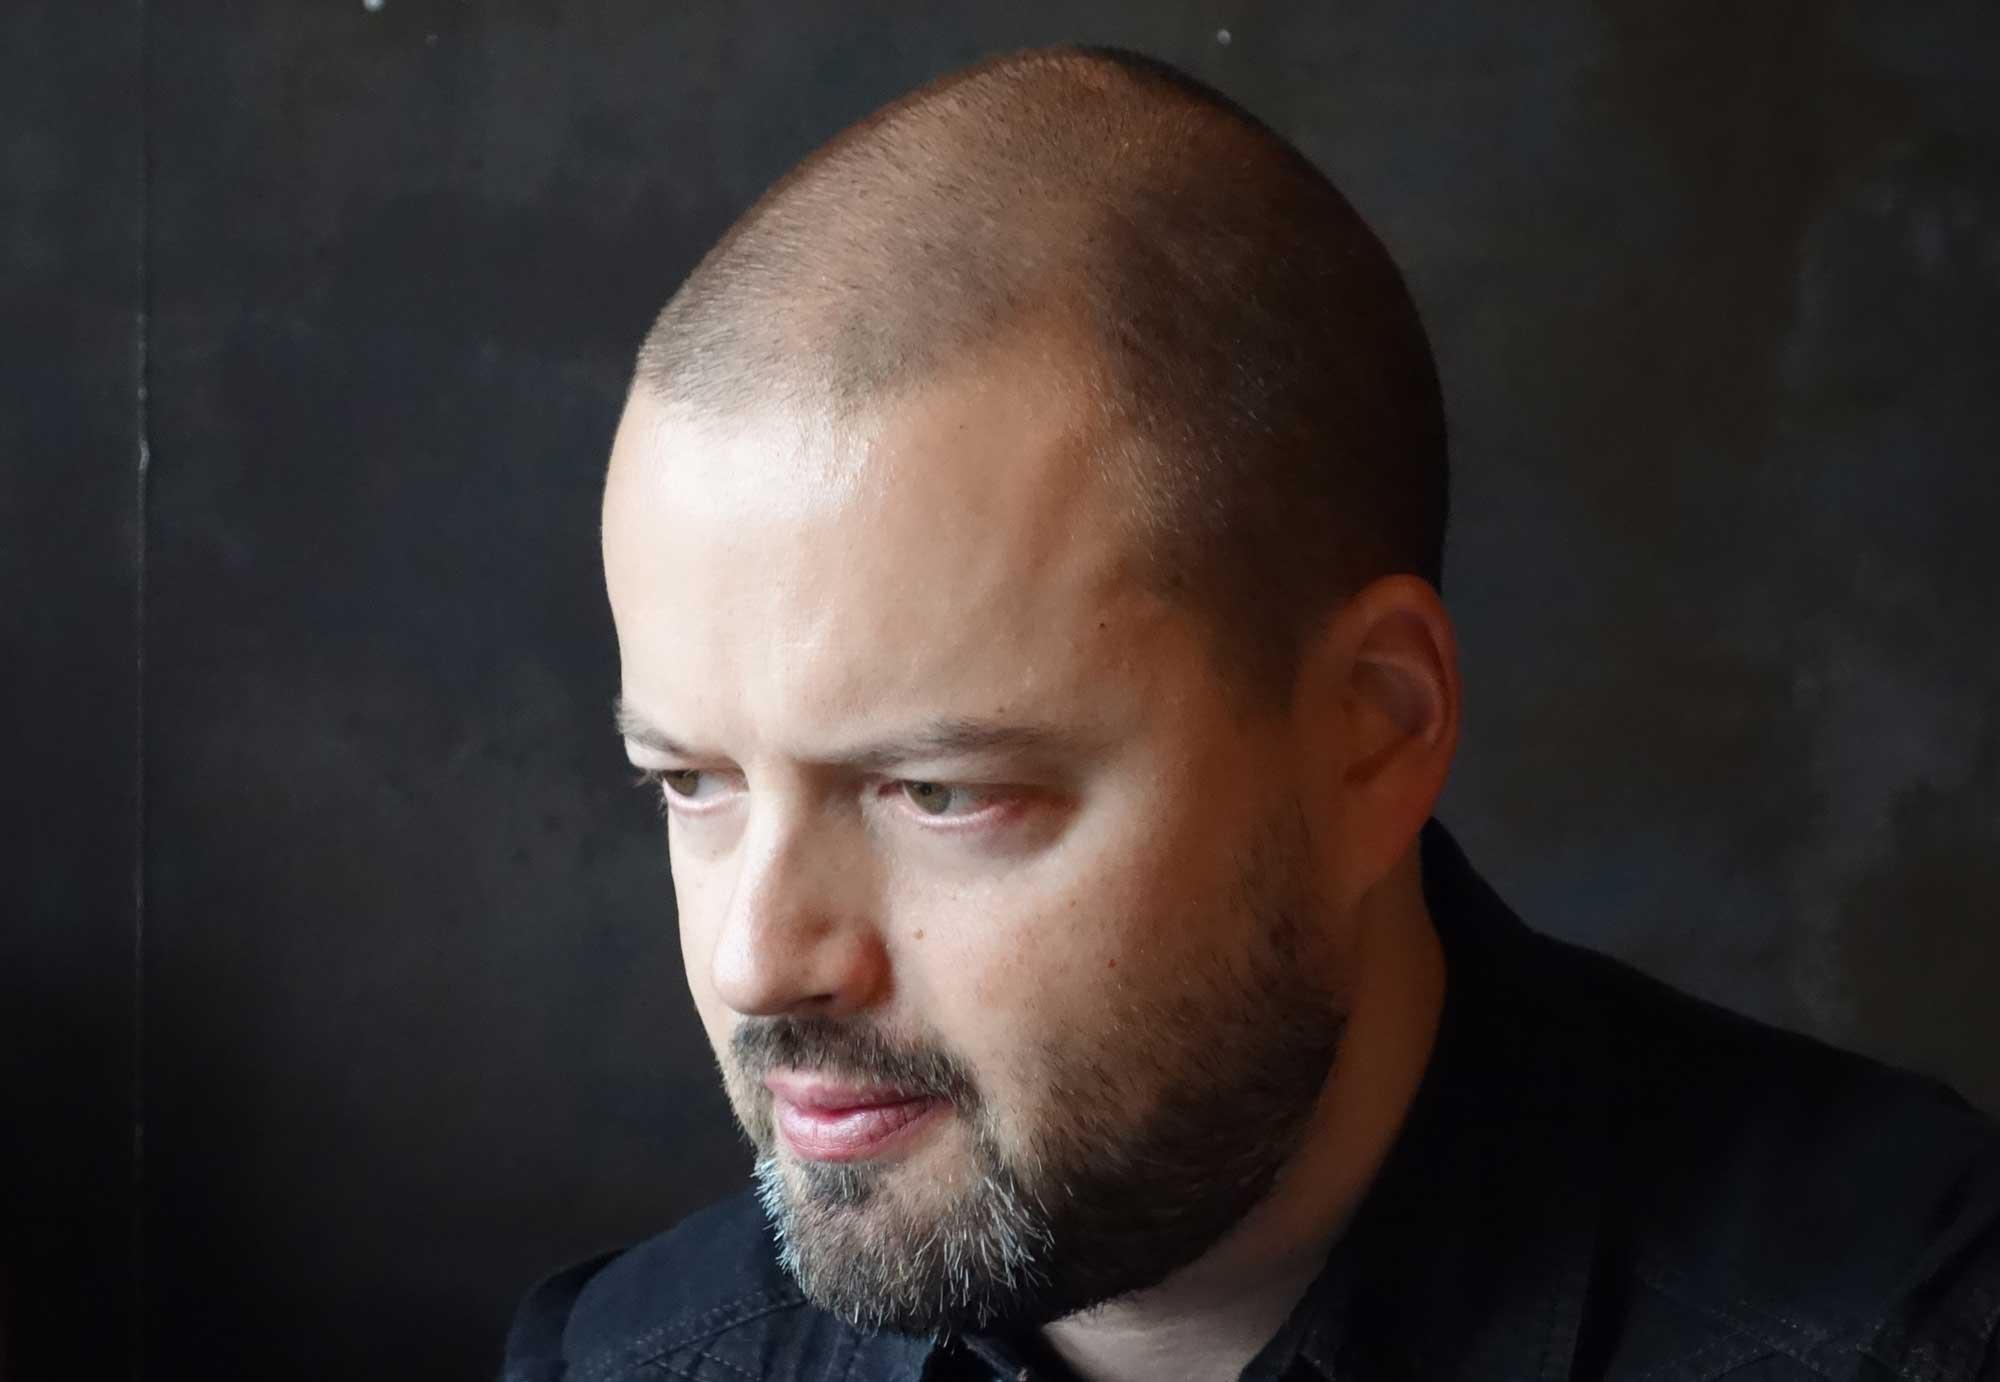 Interview with Illustrator Ville Tietäväinen